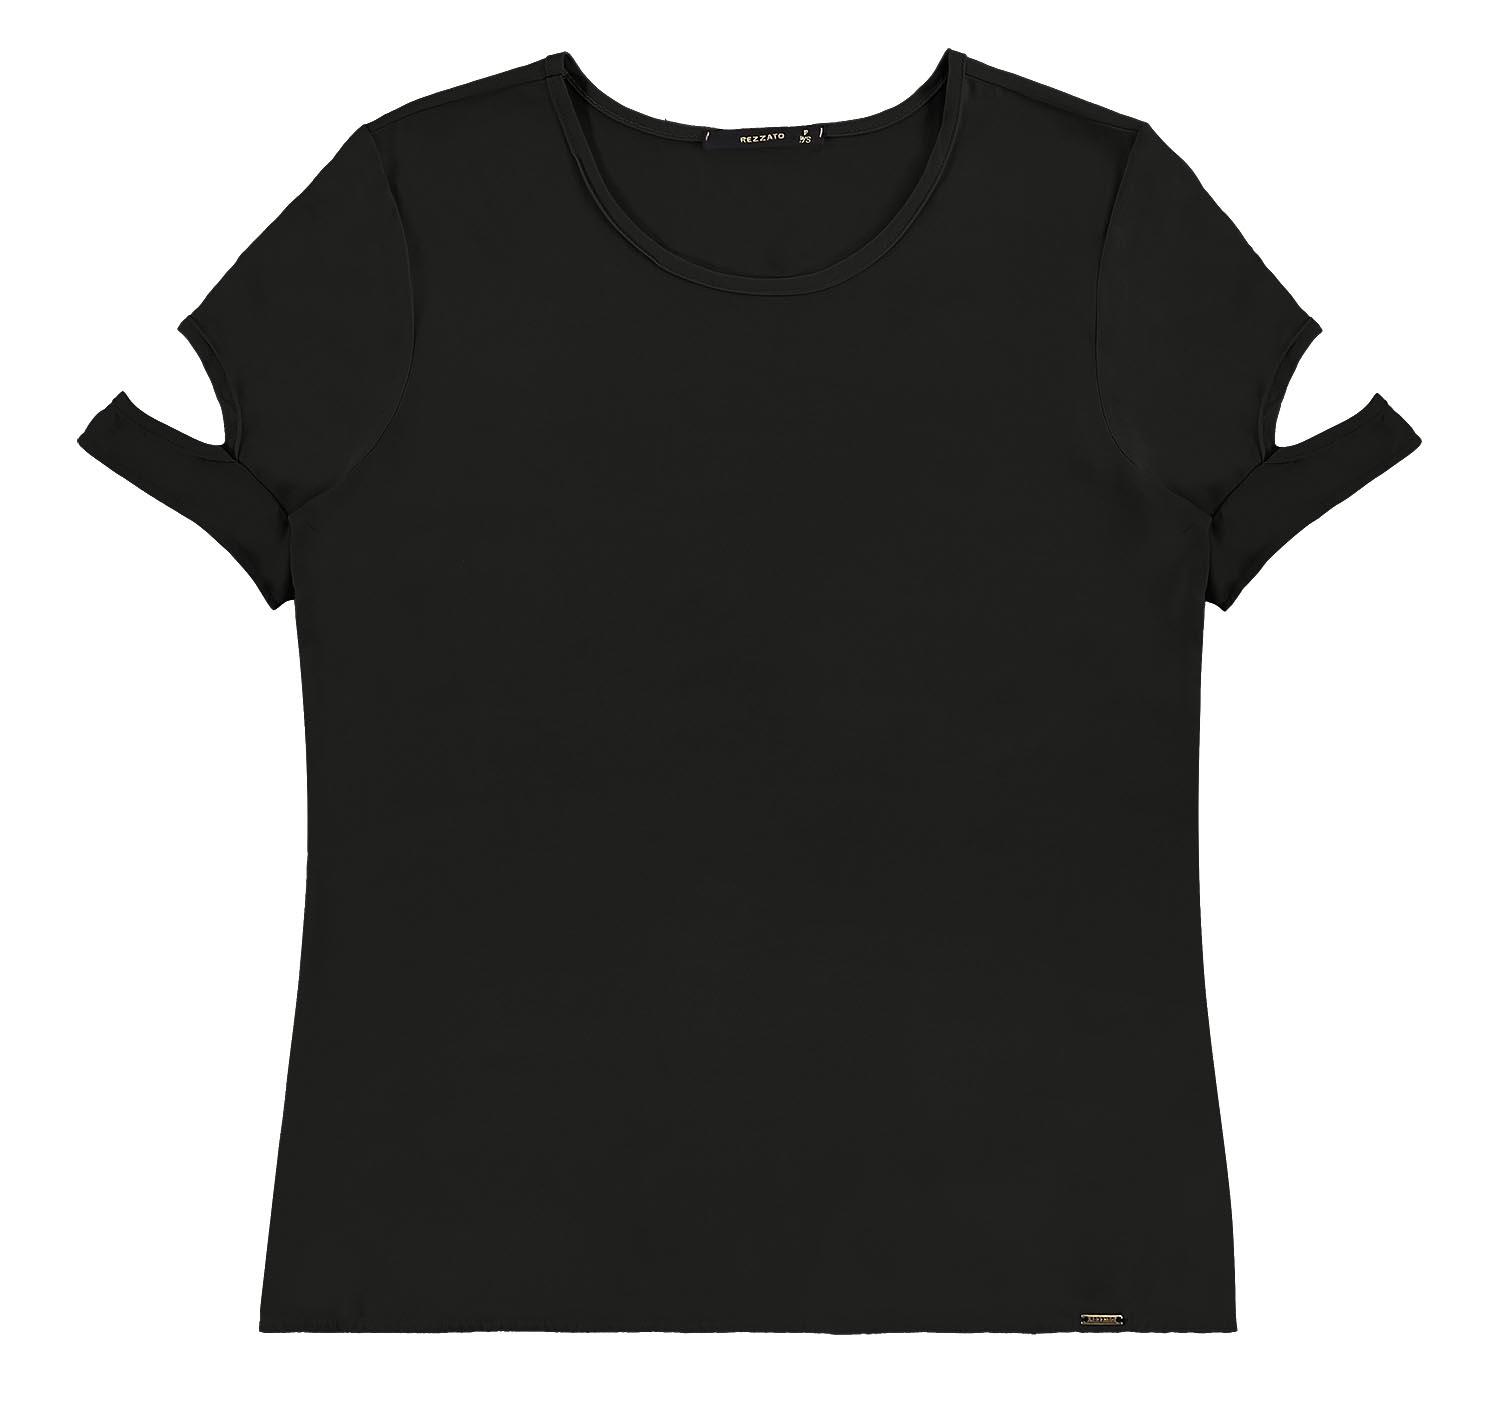 Blusa Feminina Lisa em Viscose - Rezzato